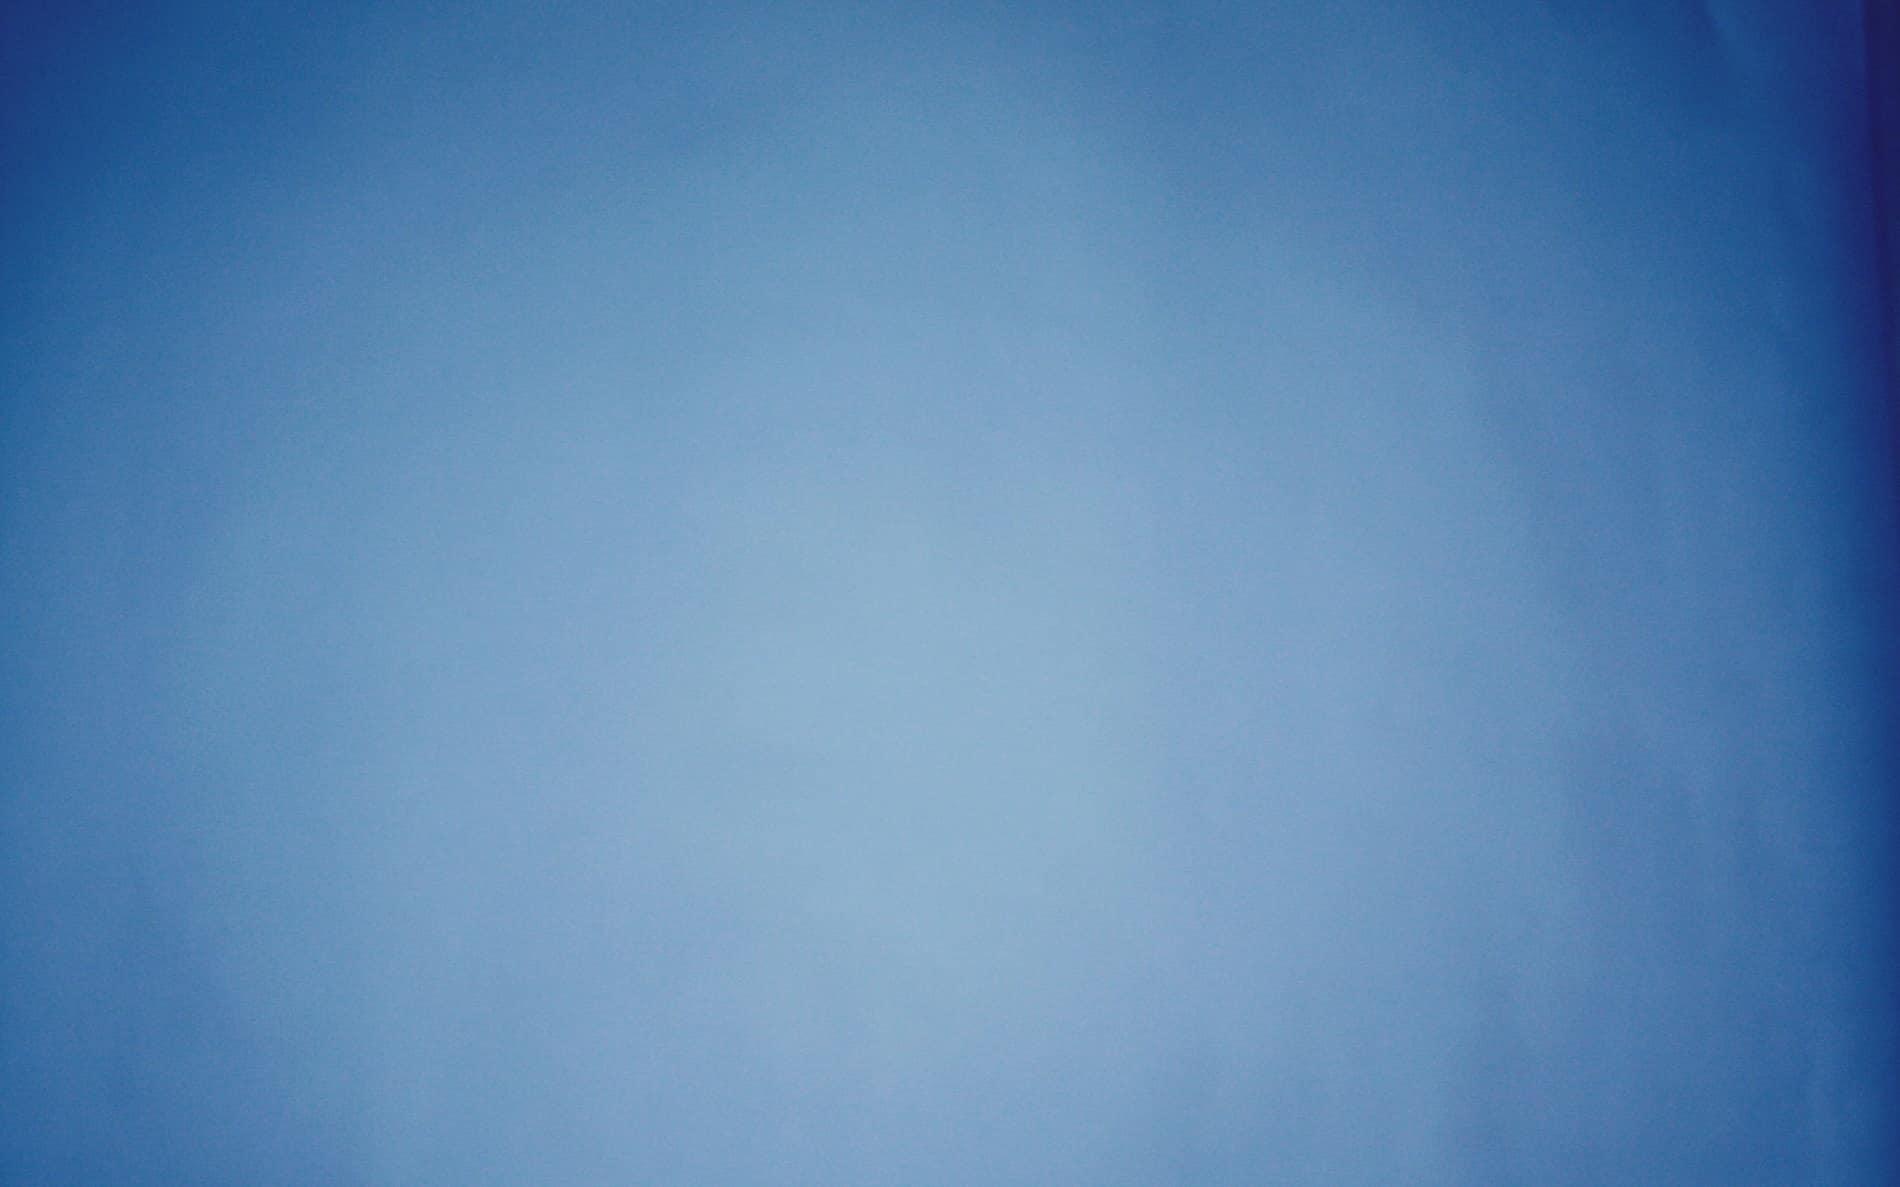 Blue Wallpaper 046